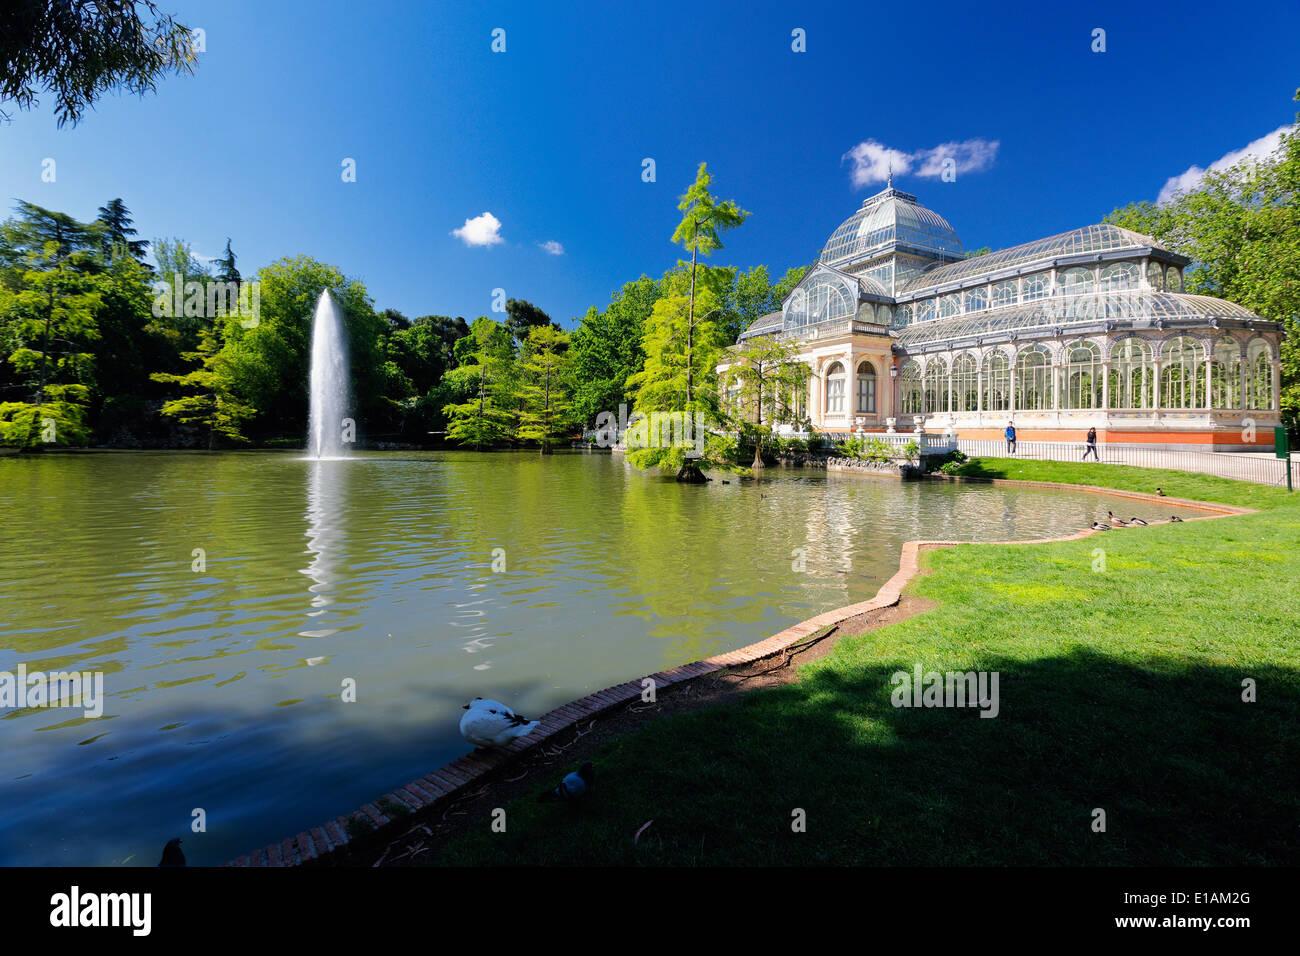 Ansicht des Crystal Palace im Buen Retiro Park in Madrid Spanien Stockbild